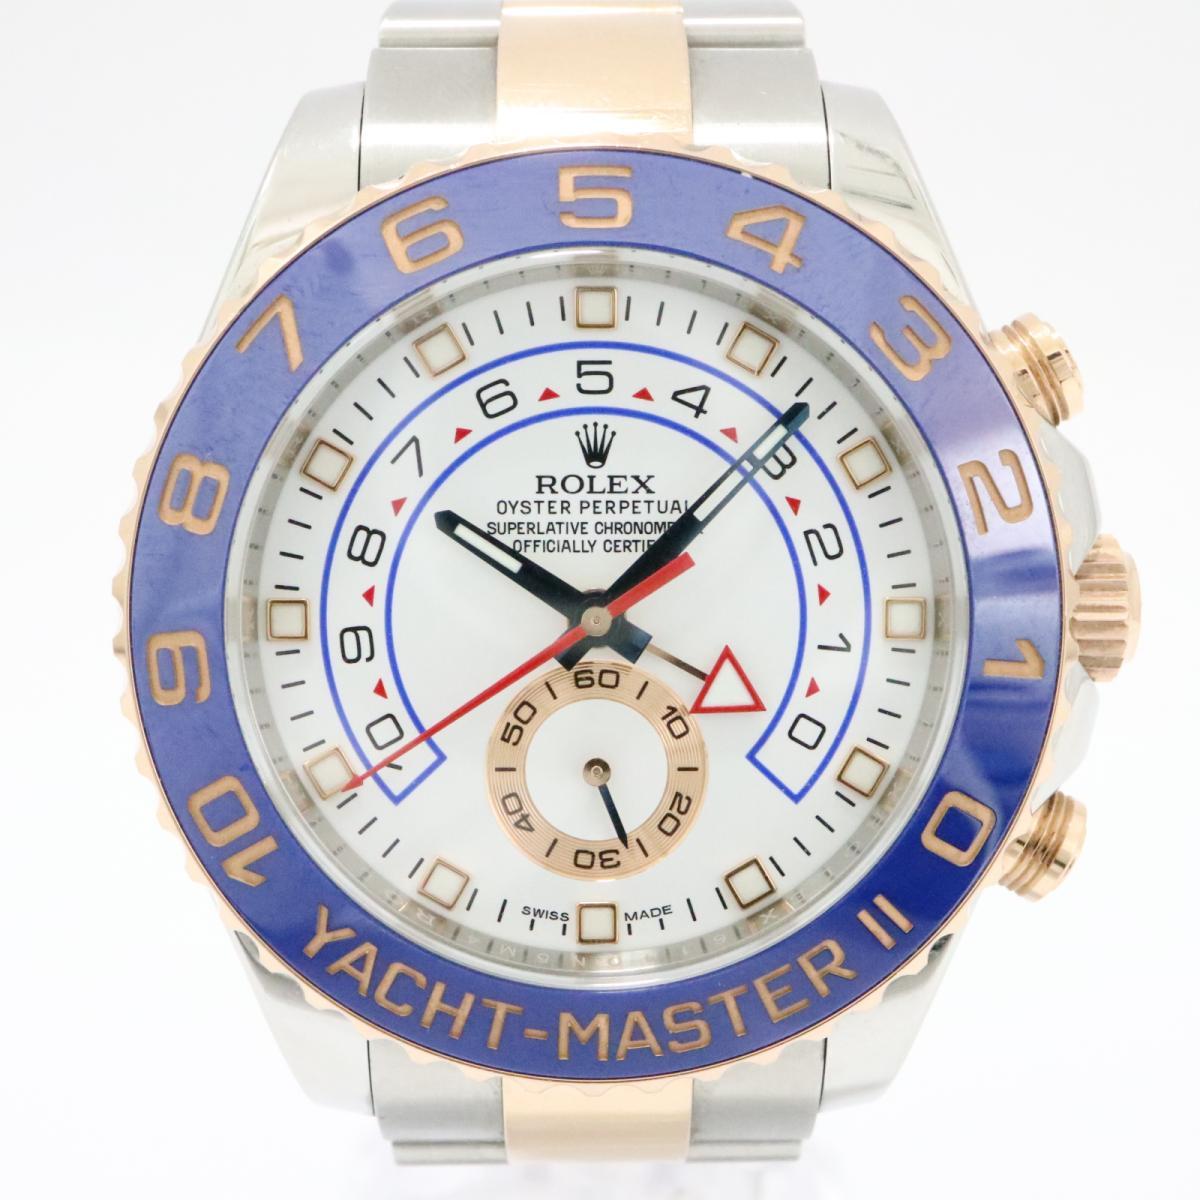 ロレックス ヨットマスター2 腕時計 時計 メンズ ステンレススチール (SS) x ピンクゴールド ホワイト -116681 【中古】 | ROLEX BRANDOFF ブランドオフ ブランド ブランド時計 ブランド腕時計 ウォッチ